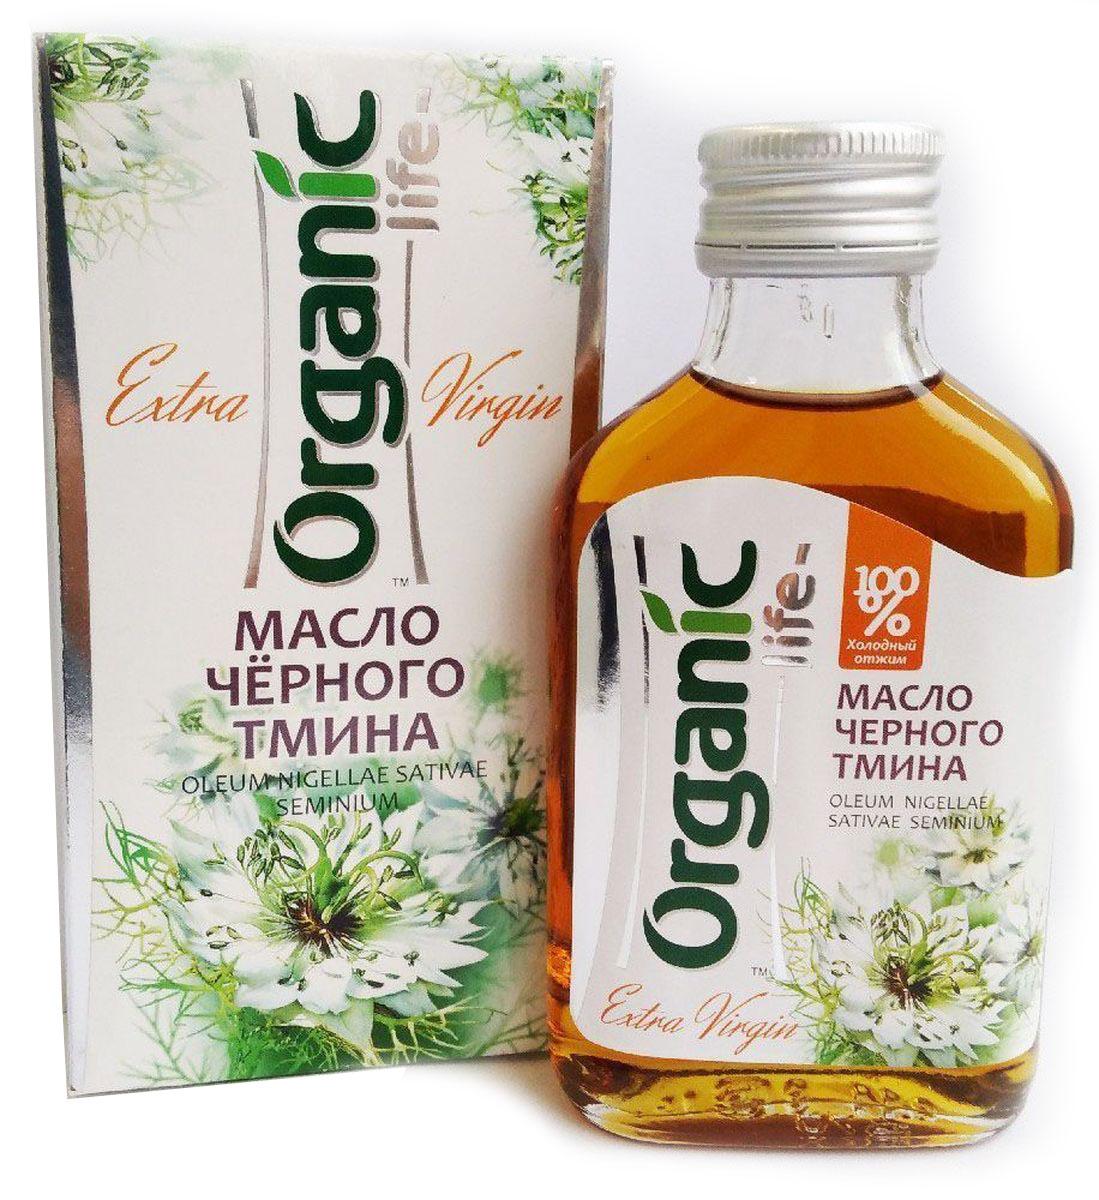 Organic Life масло черного тмина, 100 мл0120710Масло черного тмина содержит незаменимые Омега-6 и Омега-9 полиненасыщенные жирные кислоты, витамины Е, А, витамины группы В, микроэлементы и благотворные для дыхательной системы эфирные масла. Уникальный состав делает масло черного тмина натуральным иммуностимулятором, оно обладает выраженным бактерицидным и антисептическим действием. Масло способствует профилактике в период массовых простудных заболеваний, повышает жизненный тонус, снижает уровень холестерина, помогает избавлению от паразитов. Масло черного тмина улучшает обмен веществ, что способствует снижению веса. Способ применения: по 1/2 ч.л. 2 раза в день.